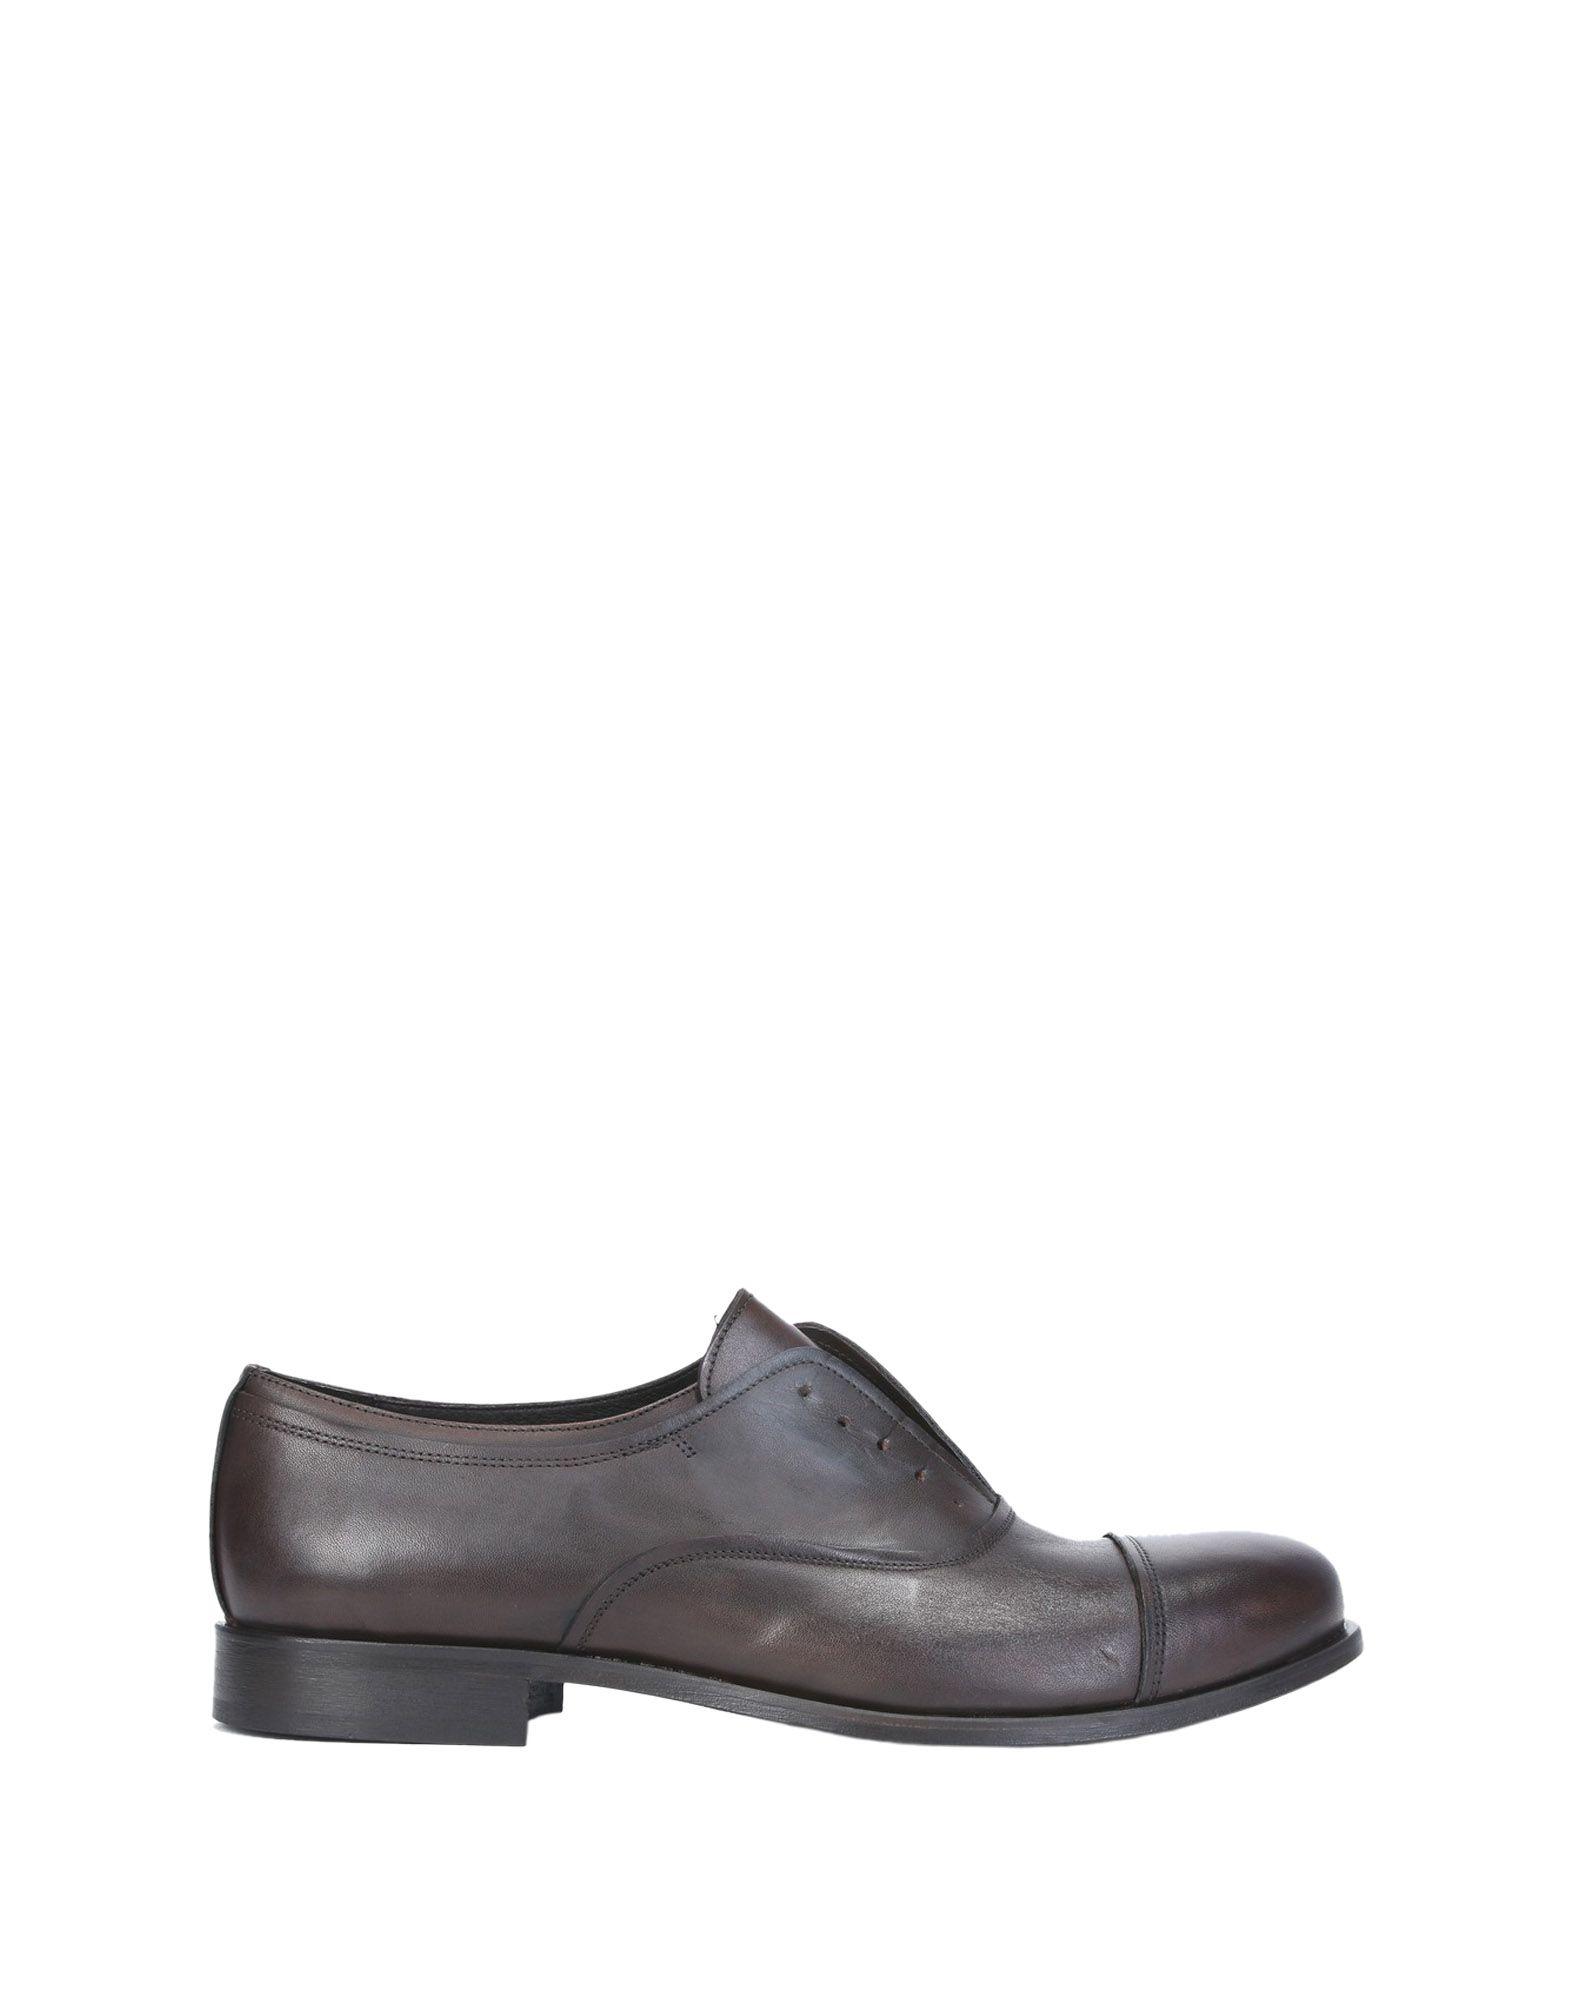 Rabatt echte Maldini Schuhe Maldini echte Schnürschuhe Herren  11523244PO 206eae